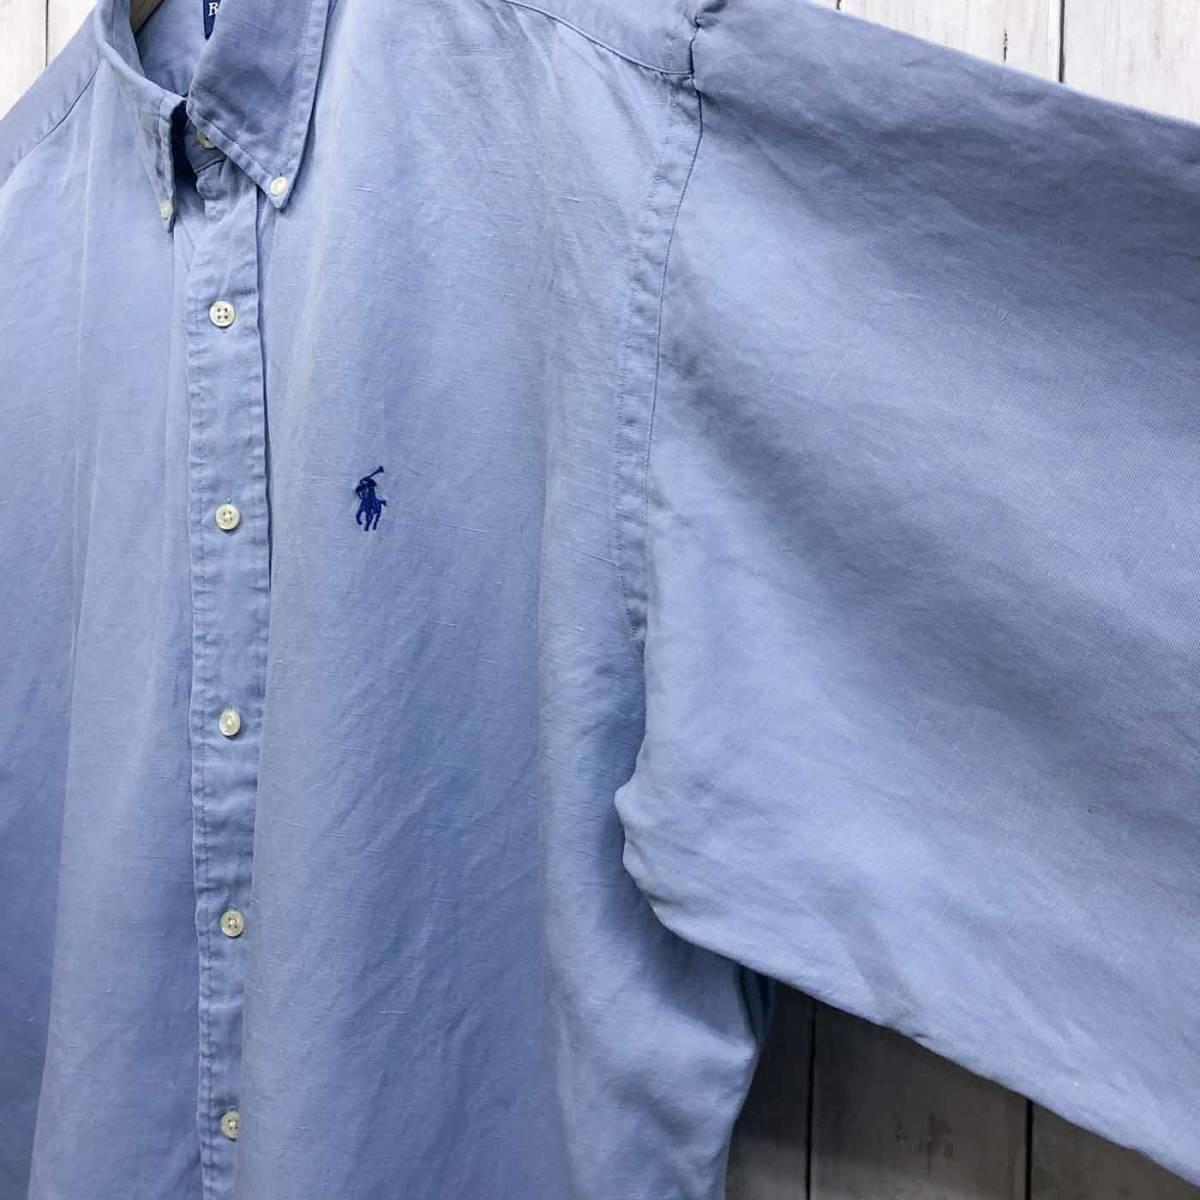 ラルフローレン POLO Ralph Lauren Polo 半袖シャツ 五分丈 メンズ ワンポイント XLサイズ 7-198_画像8